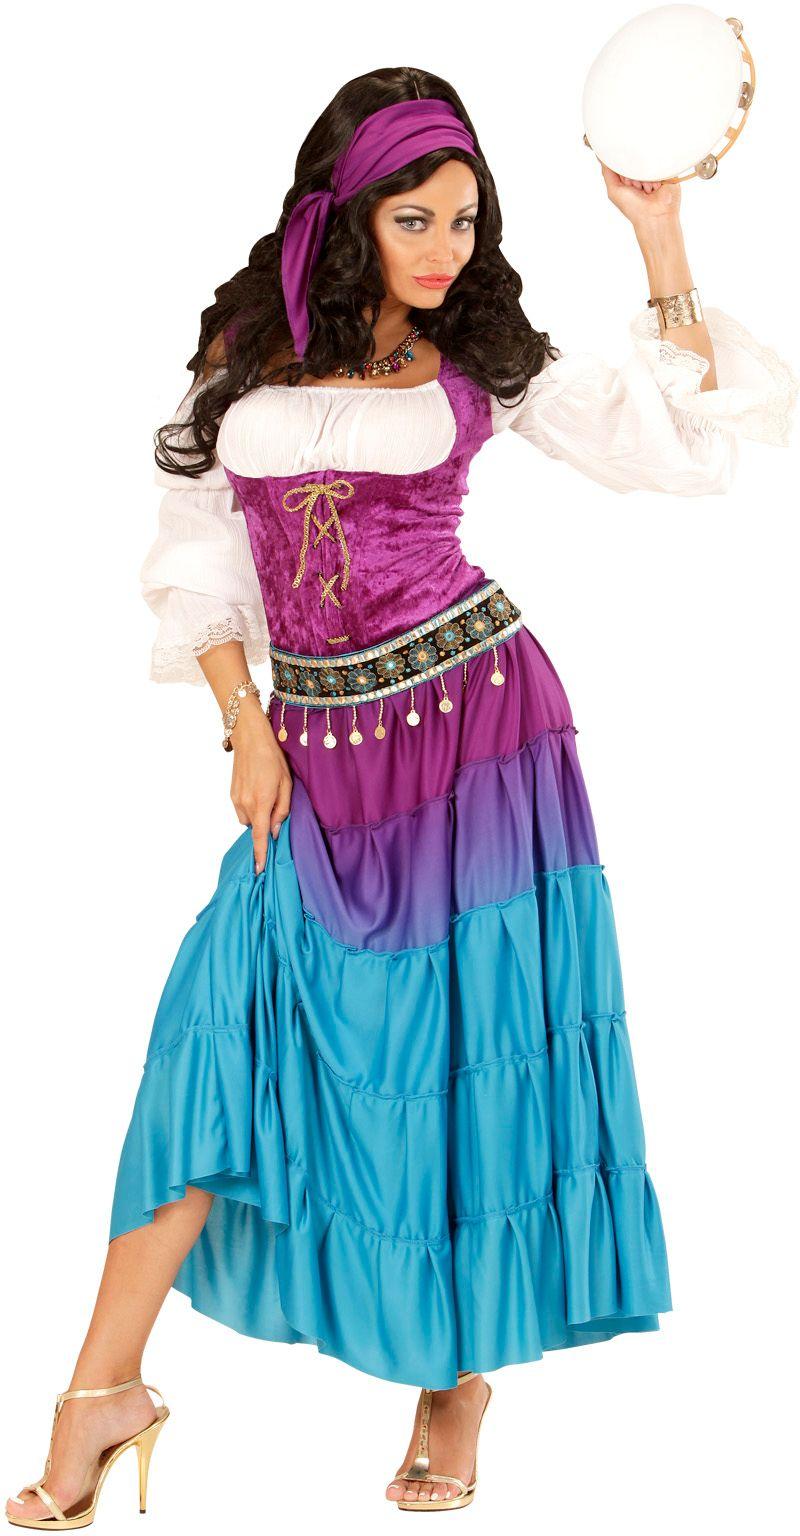 Zigeuner kleding